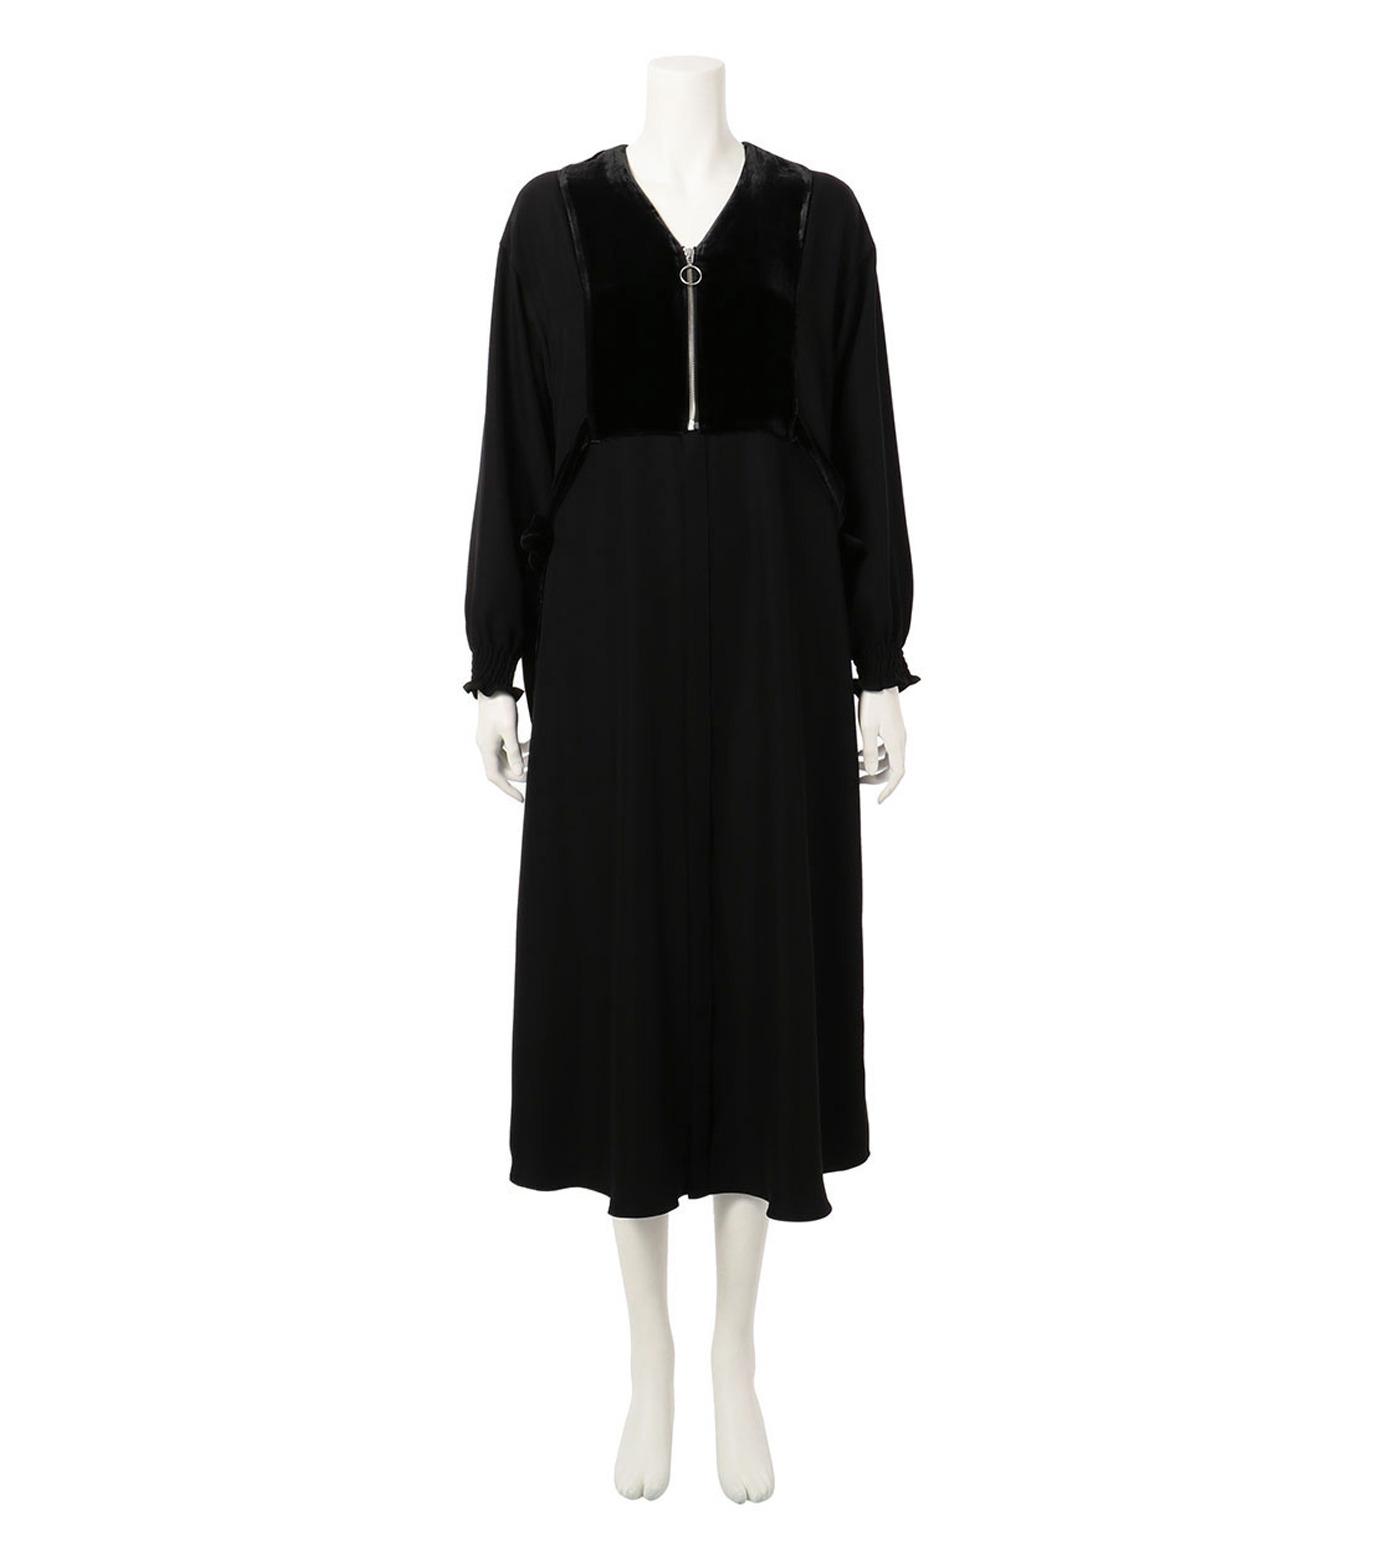 G.V.G.V.(ジーヴィジーヴィ)のVELVET PANEL DRESS-BLACK(ドレス/dress)-GV1641003-13 拡大詳細画像1